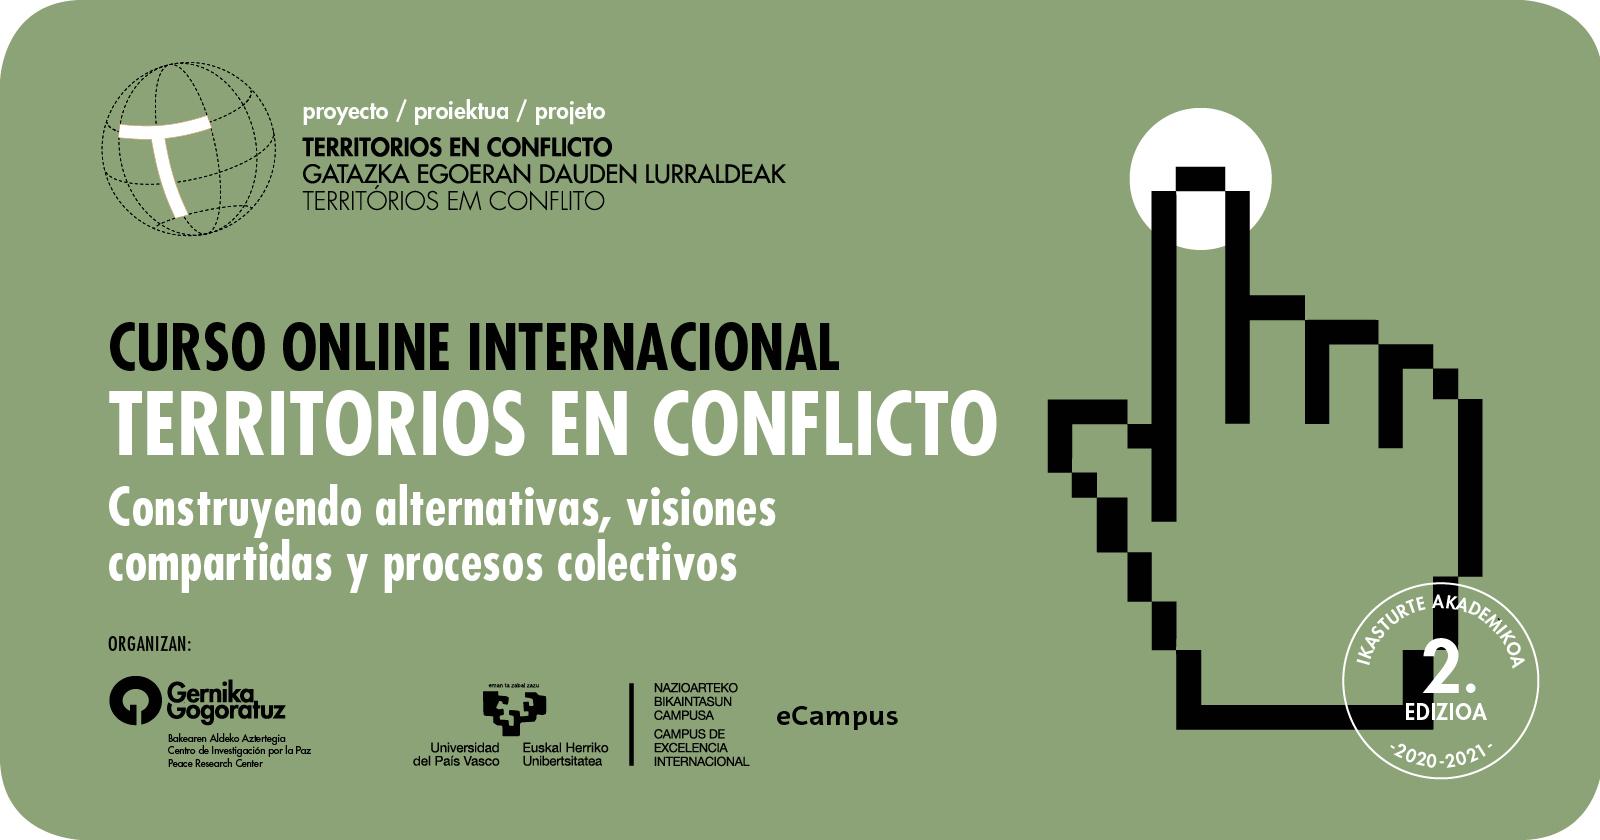 Gernika Gogoratuz. 2ª Edición del Curso Online Internacional, Territorios en Conflicto